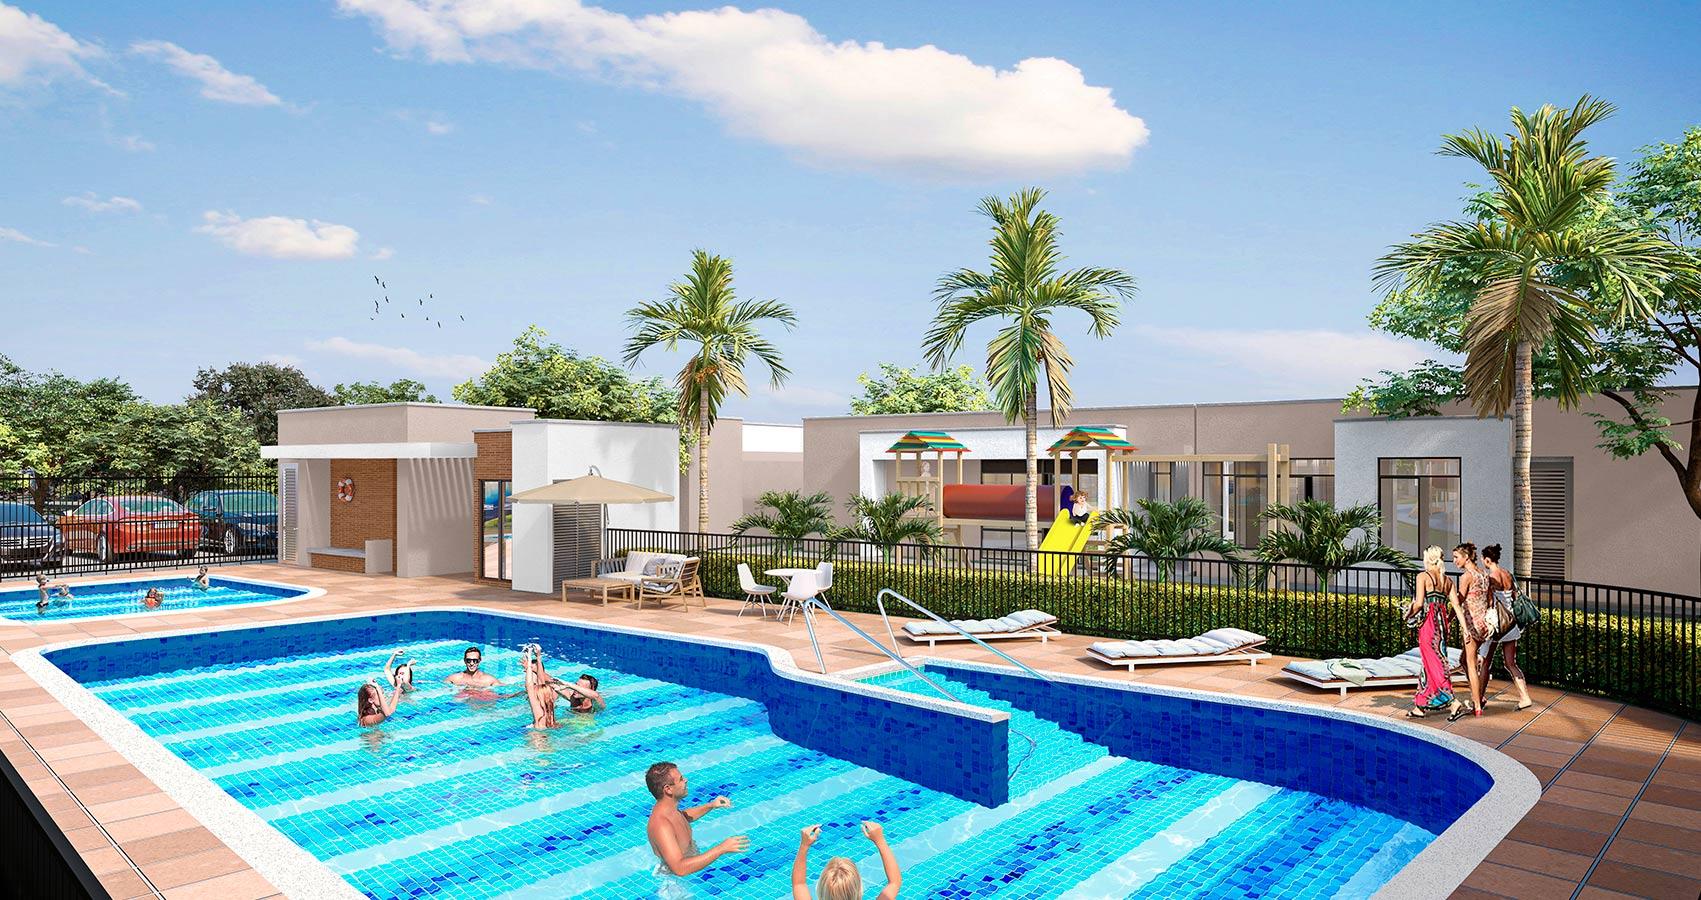 Recanto proyecto de vivienda en Jamundi, Constructora Bolivar